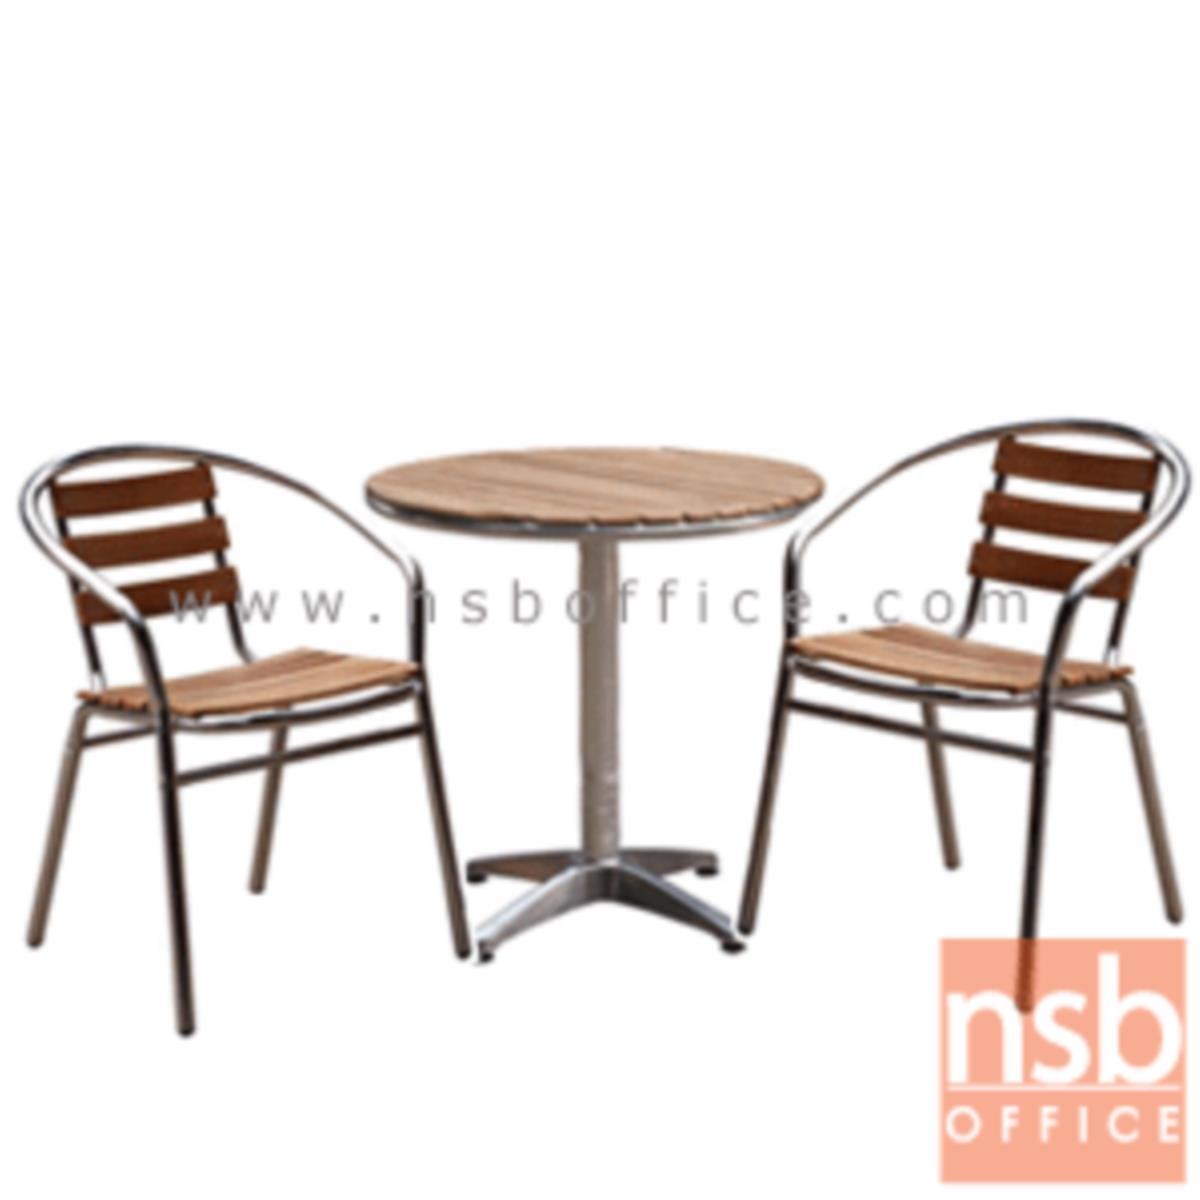 โต๊ะหน้าไม้ รุ่น Kilmer (คิลเมอร์) ขนาด 60Di cm.  โครงอลูมิเนียม สีธรรมชาติ